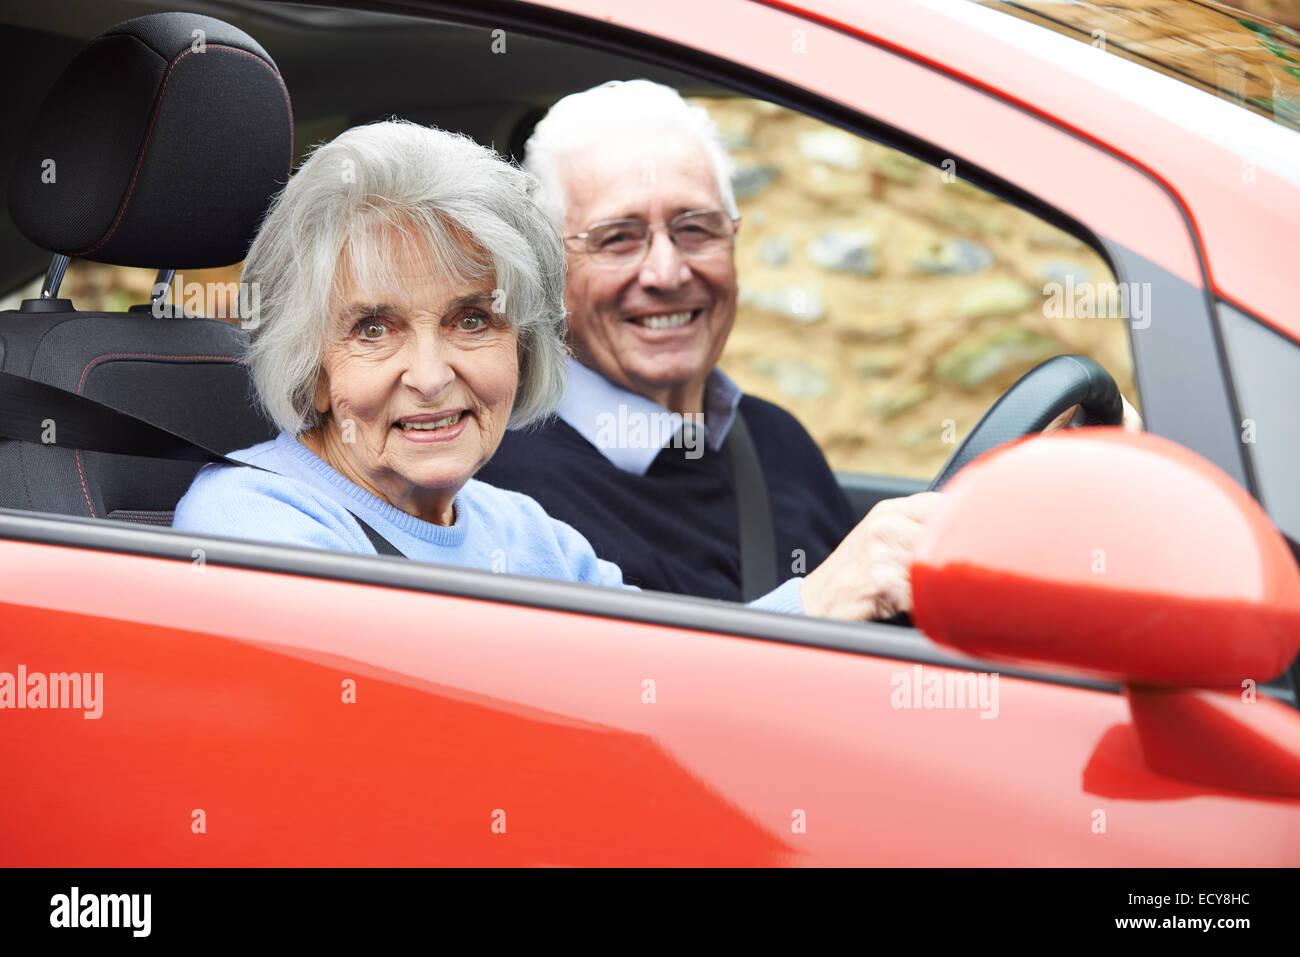 Portrait Of Smiling älteres Paar, für die Fahrt im Auto Stockbild